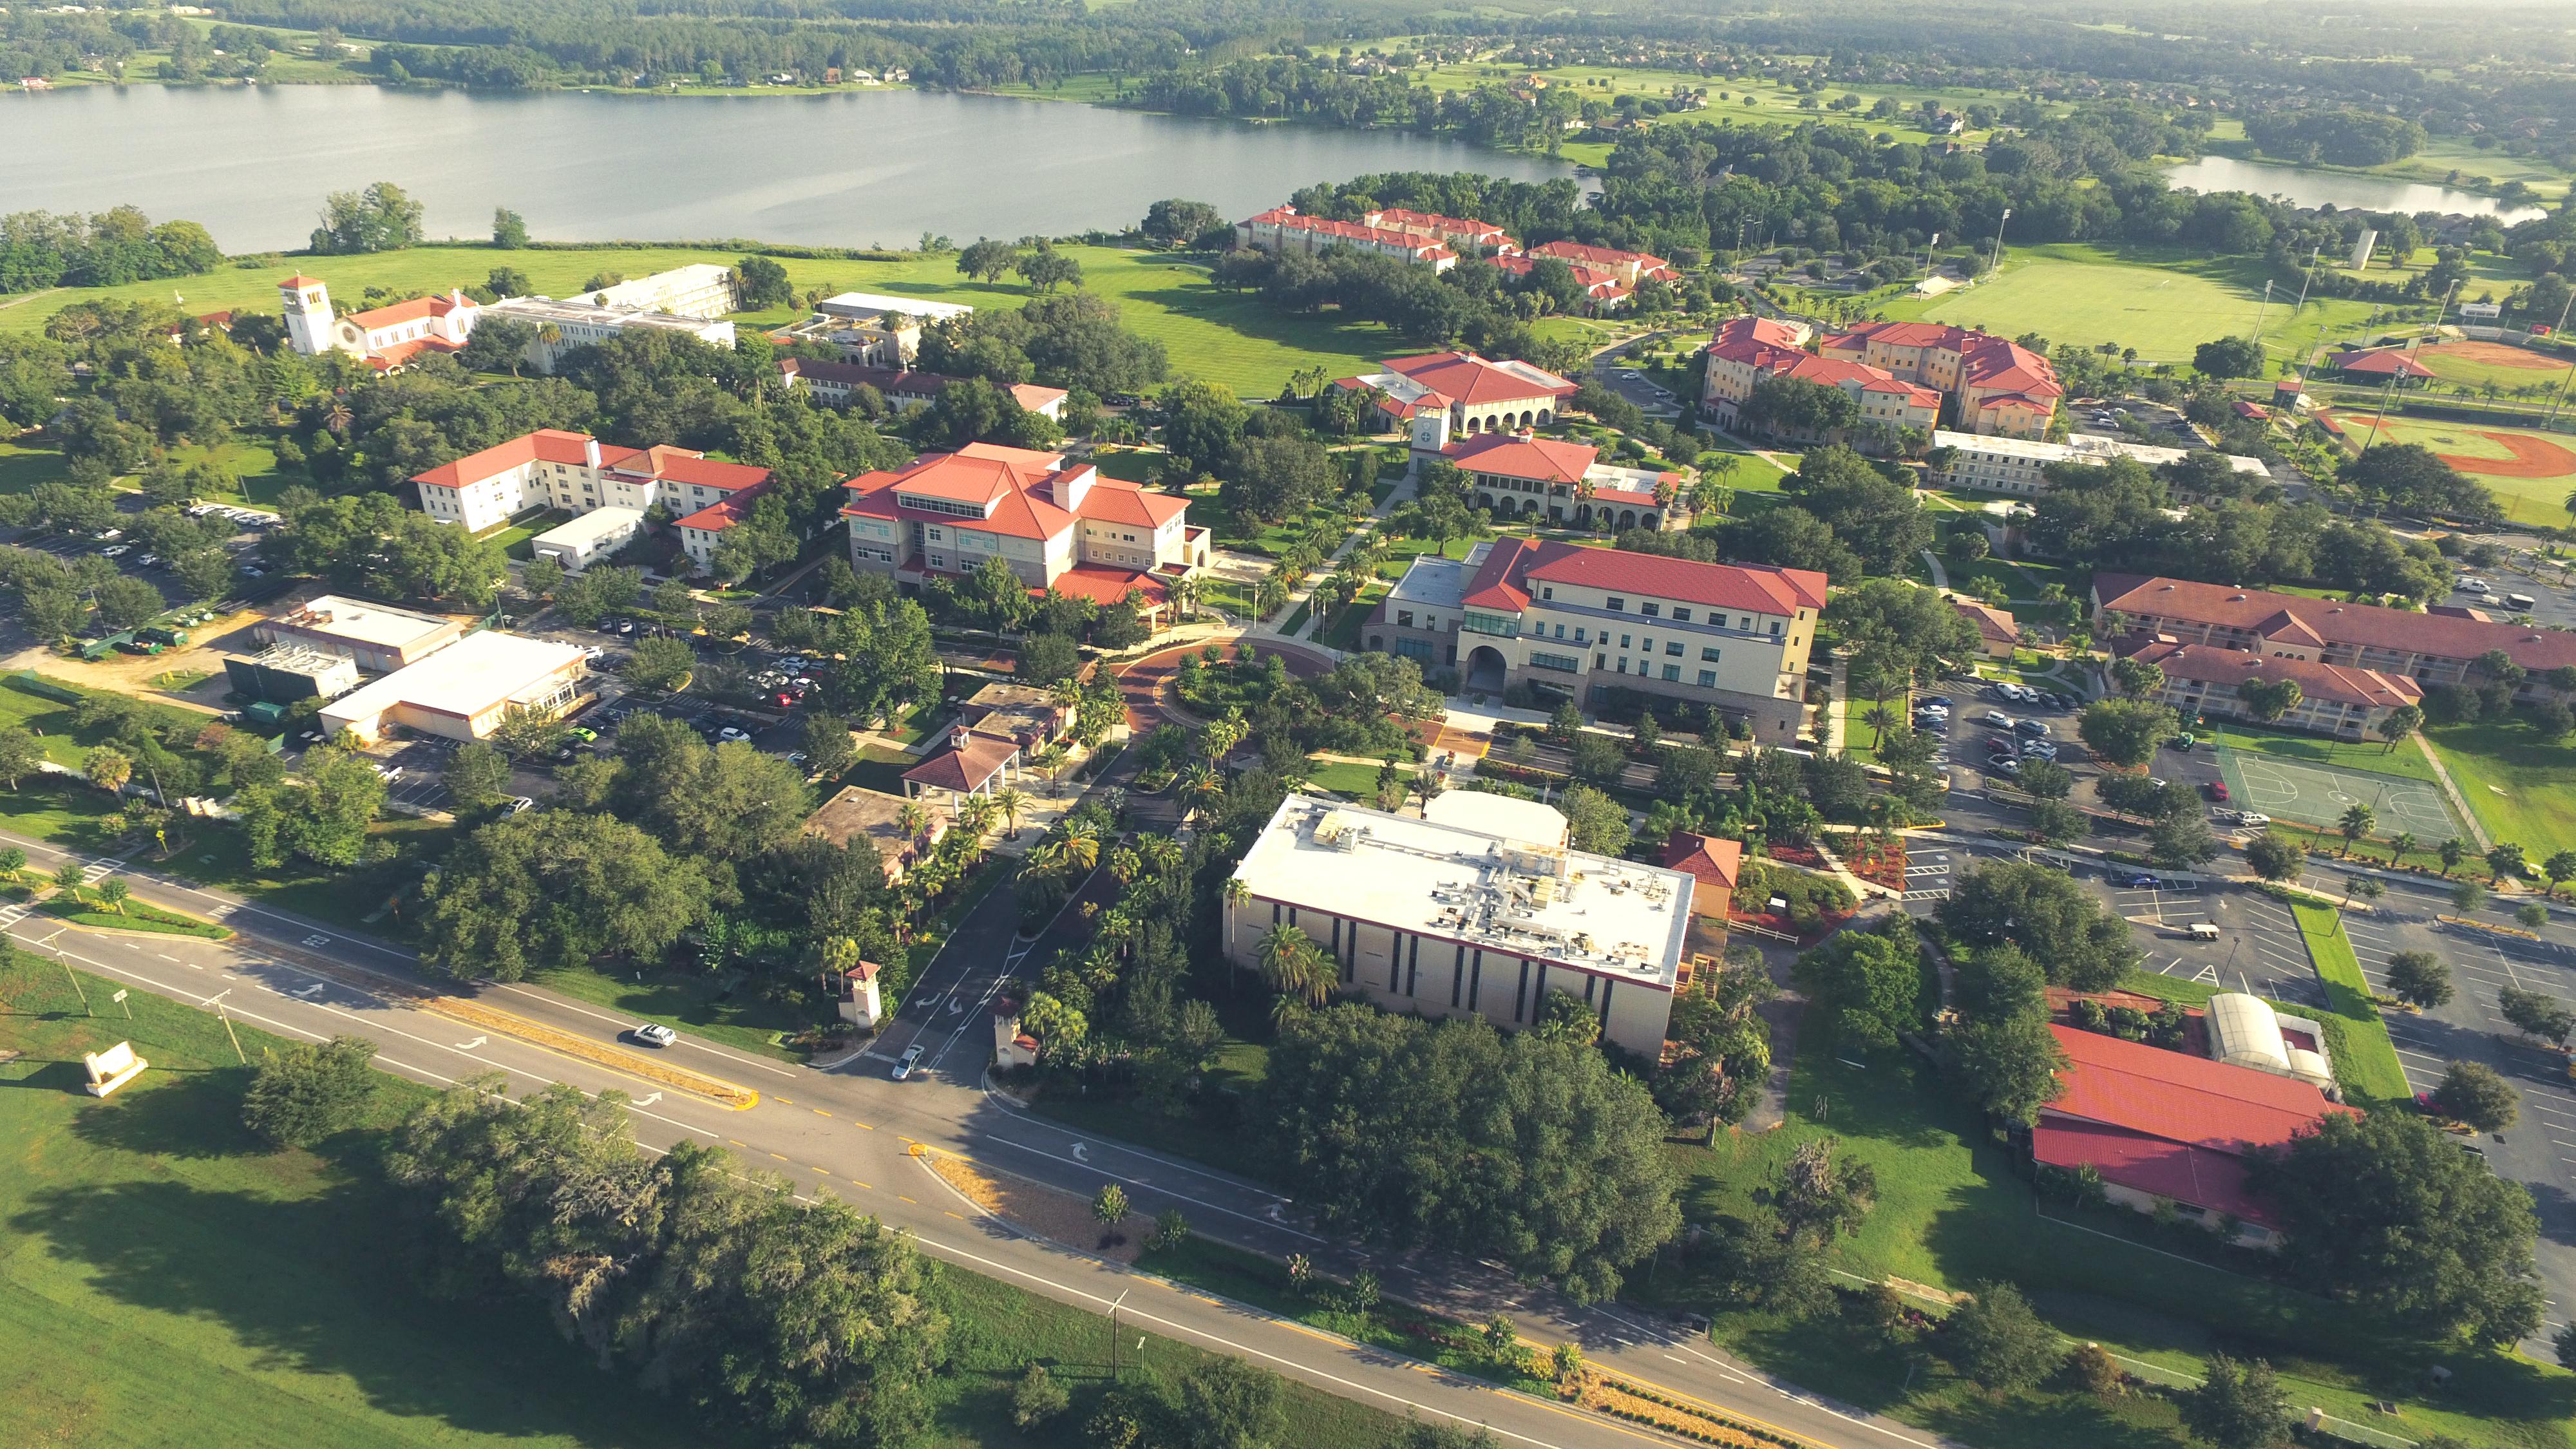 Saint Leo University Campus Map.File Aerial View Of The Main Saint Leo University Campus Jpg Wikipedia